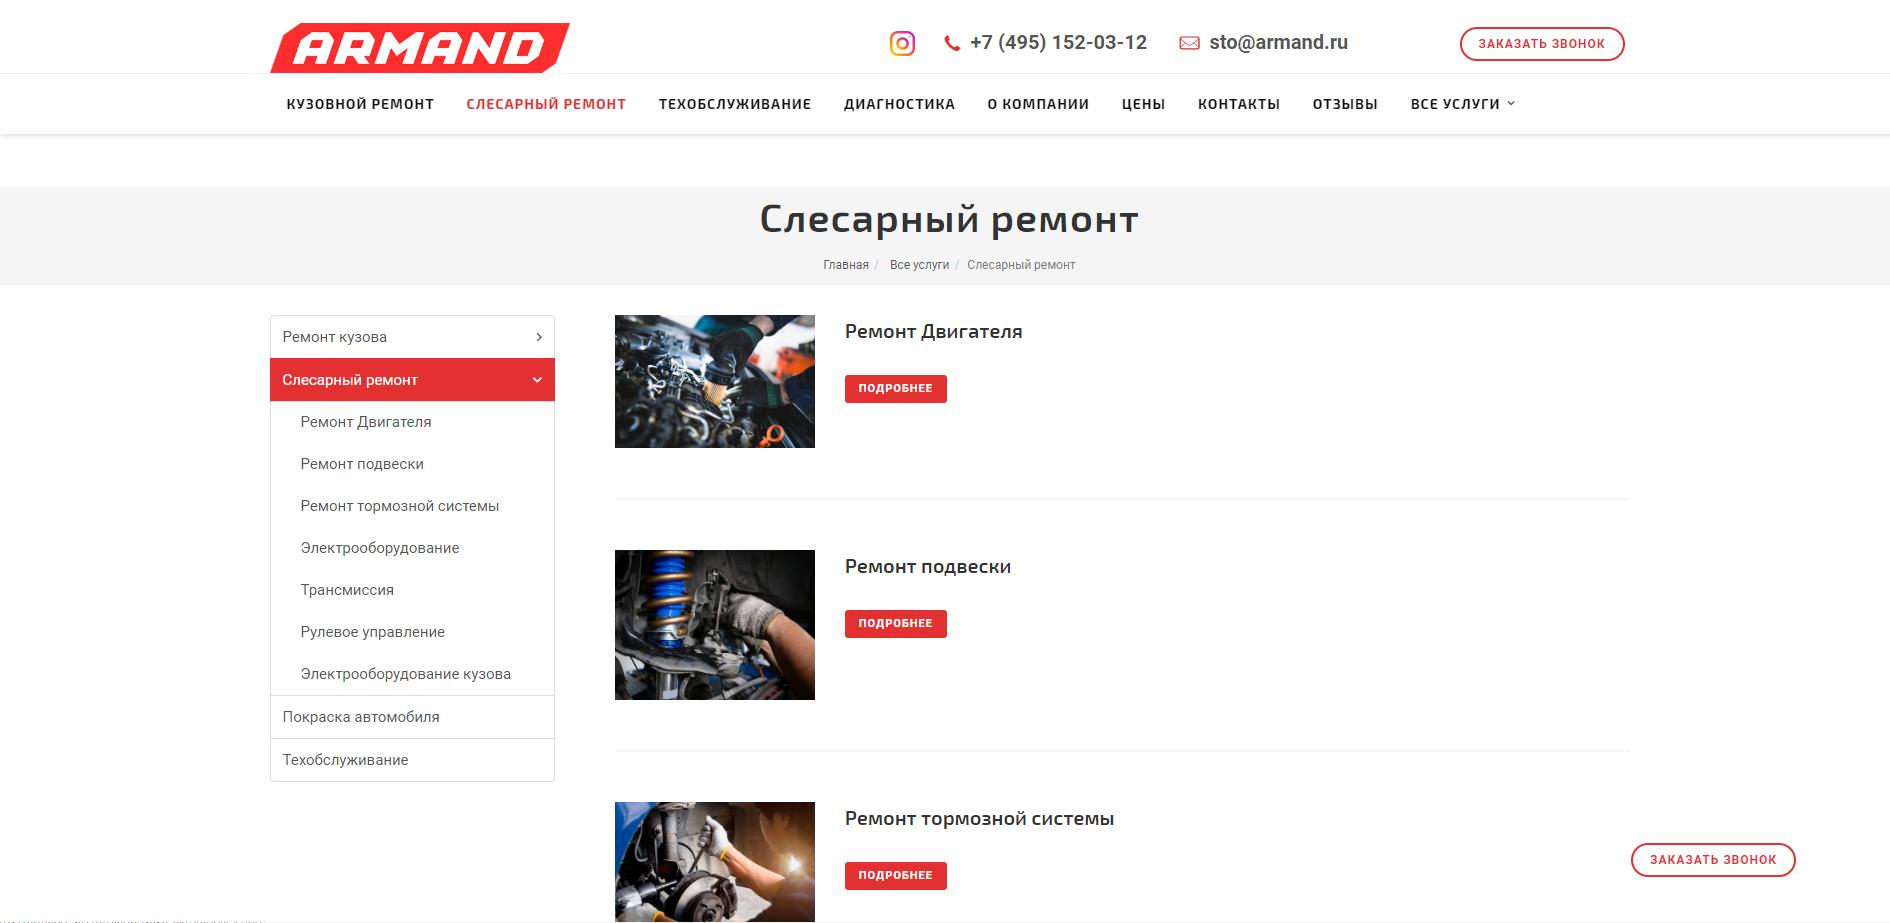 Armand.ru